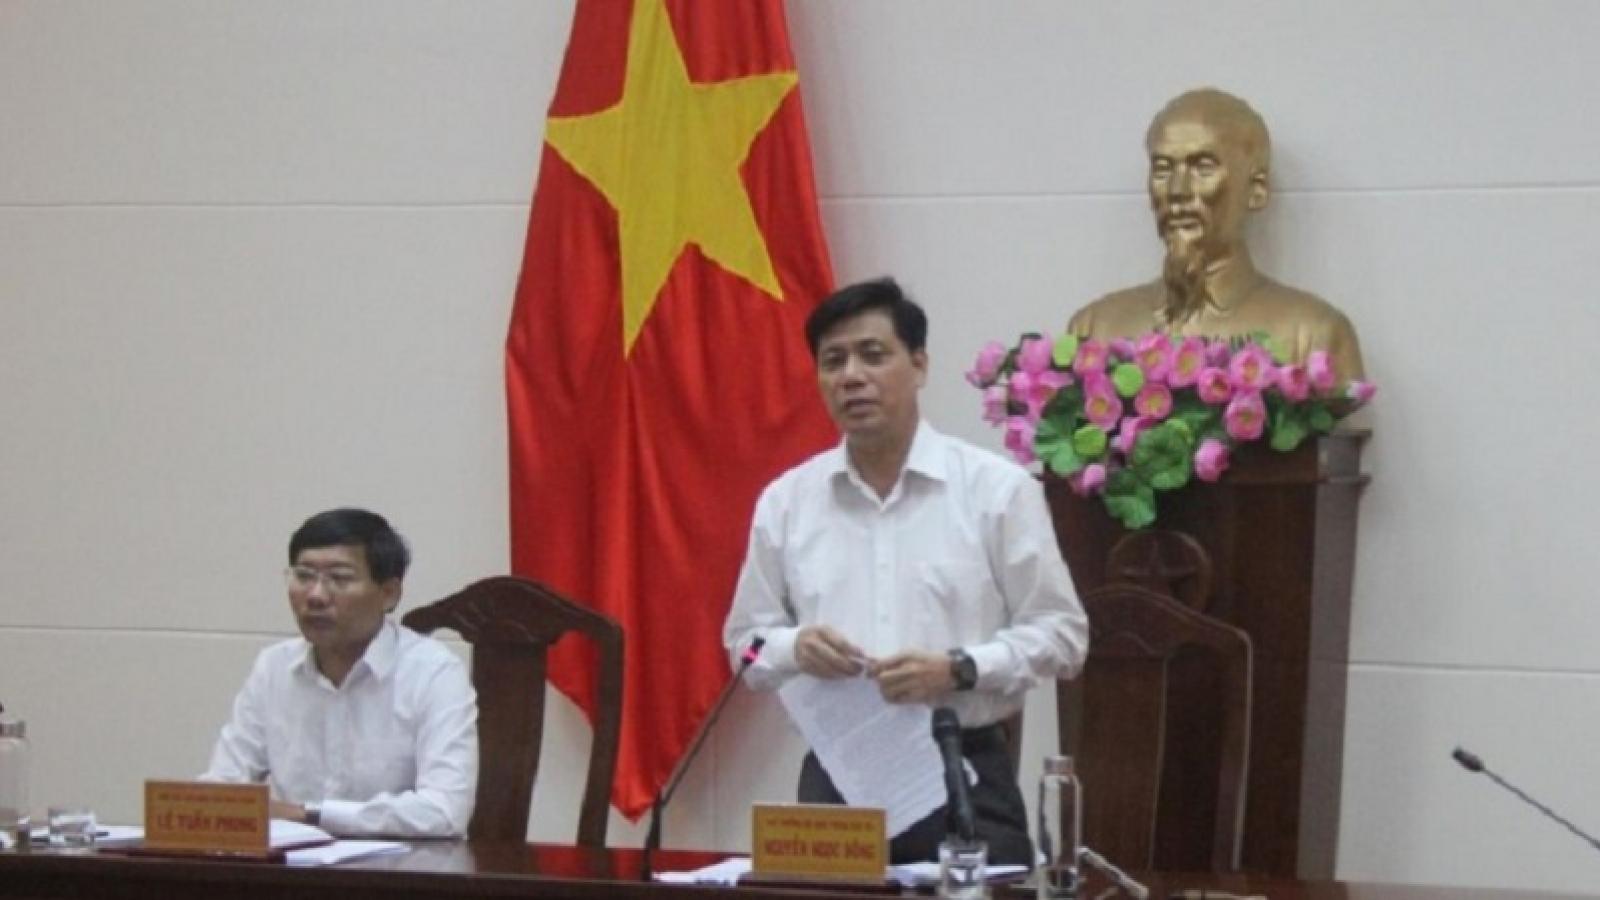 2 tuyến cao tốc qua tỉnh Bình Thuận sẽ hoàn thành GPMB trong tháng 9